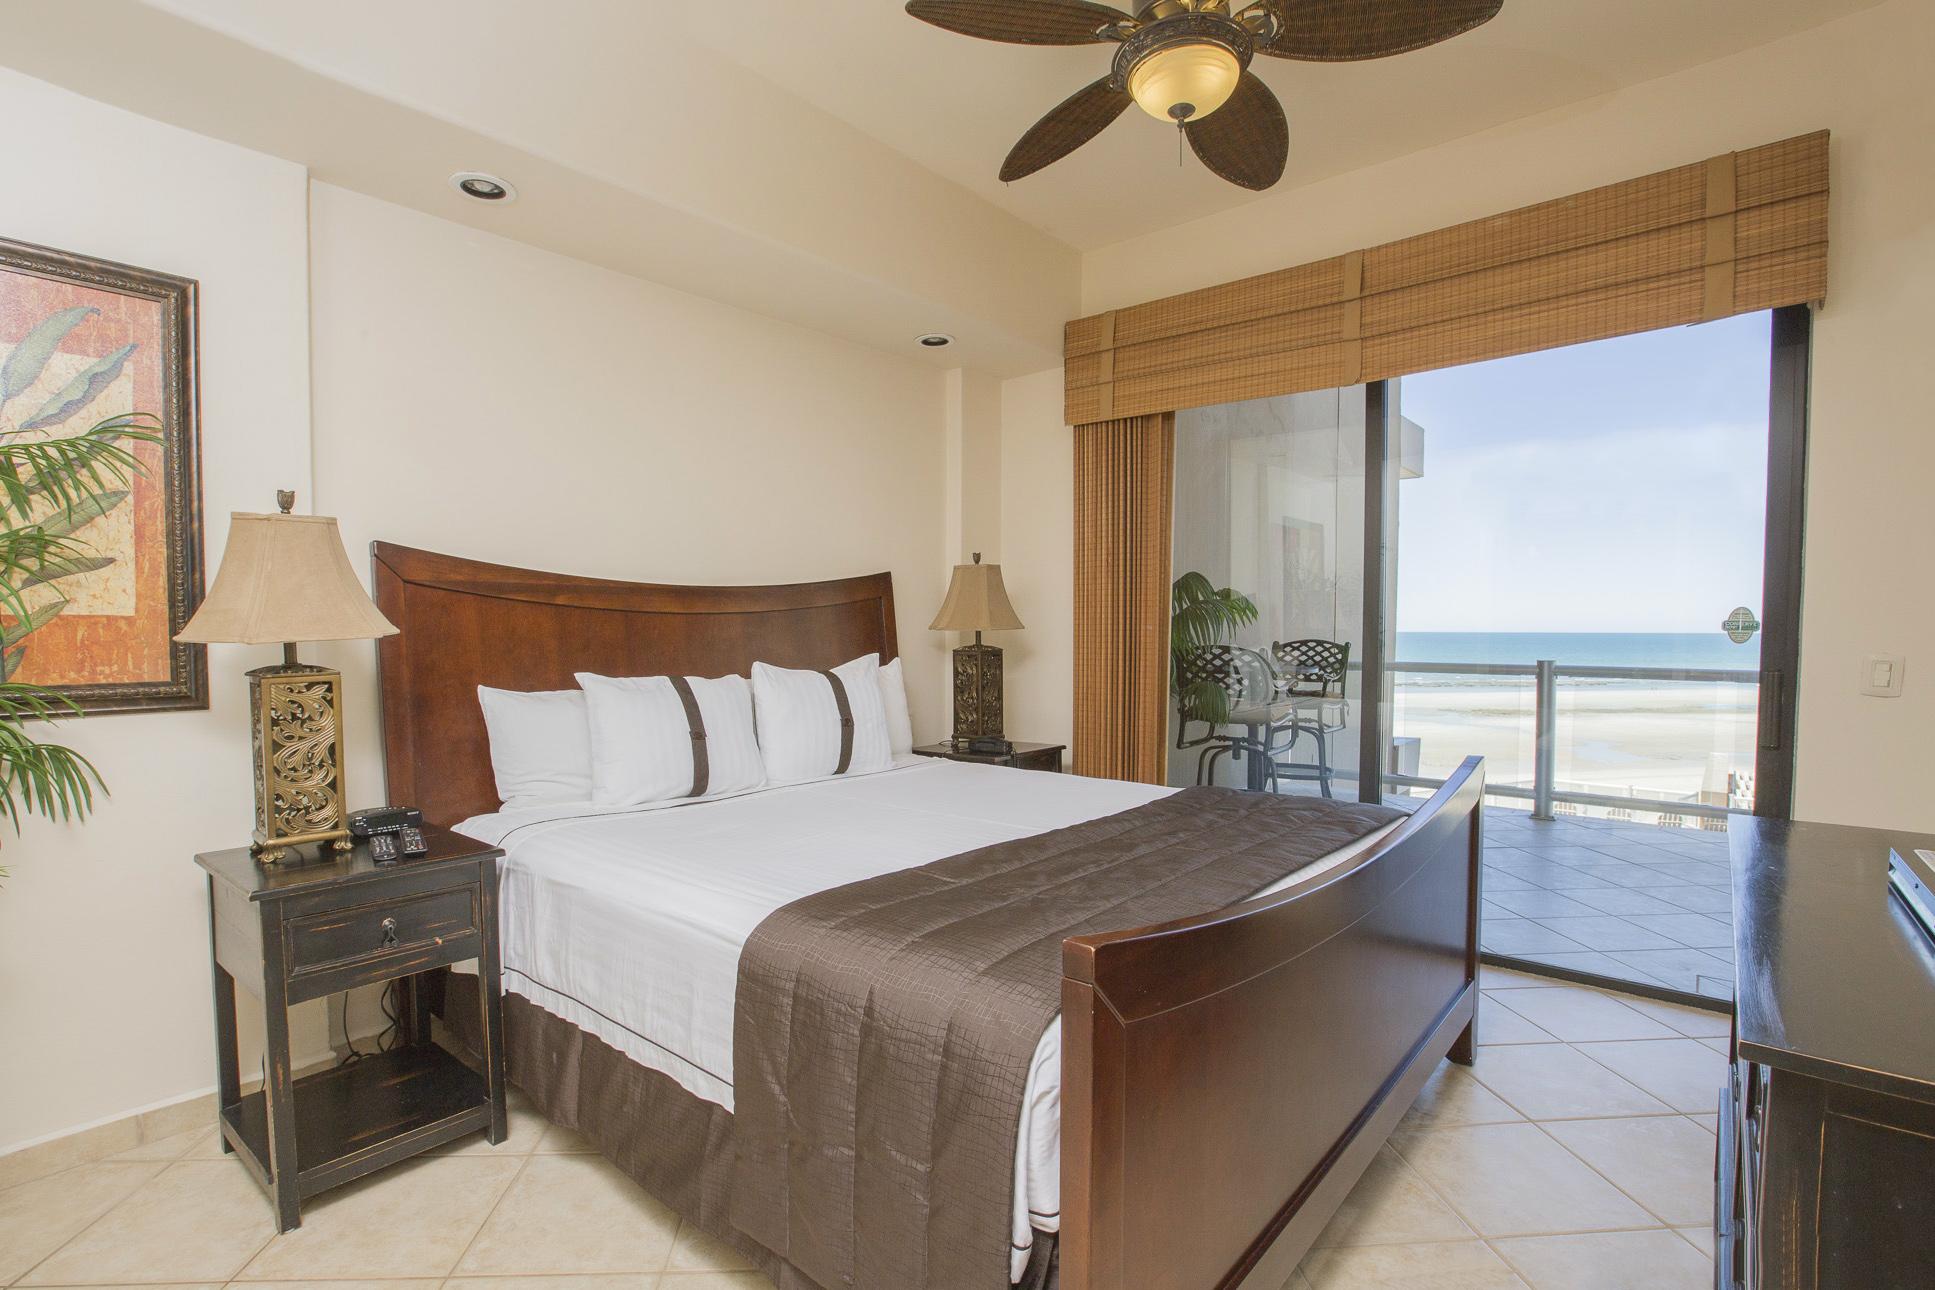 2 Bedroom Condo Las Palomas Beach Golf Resort